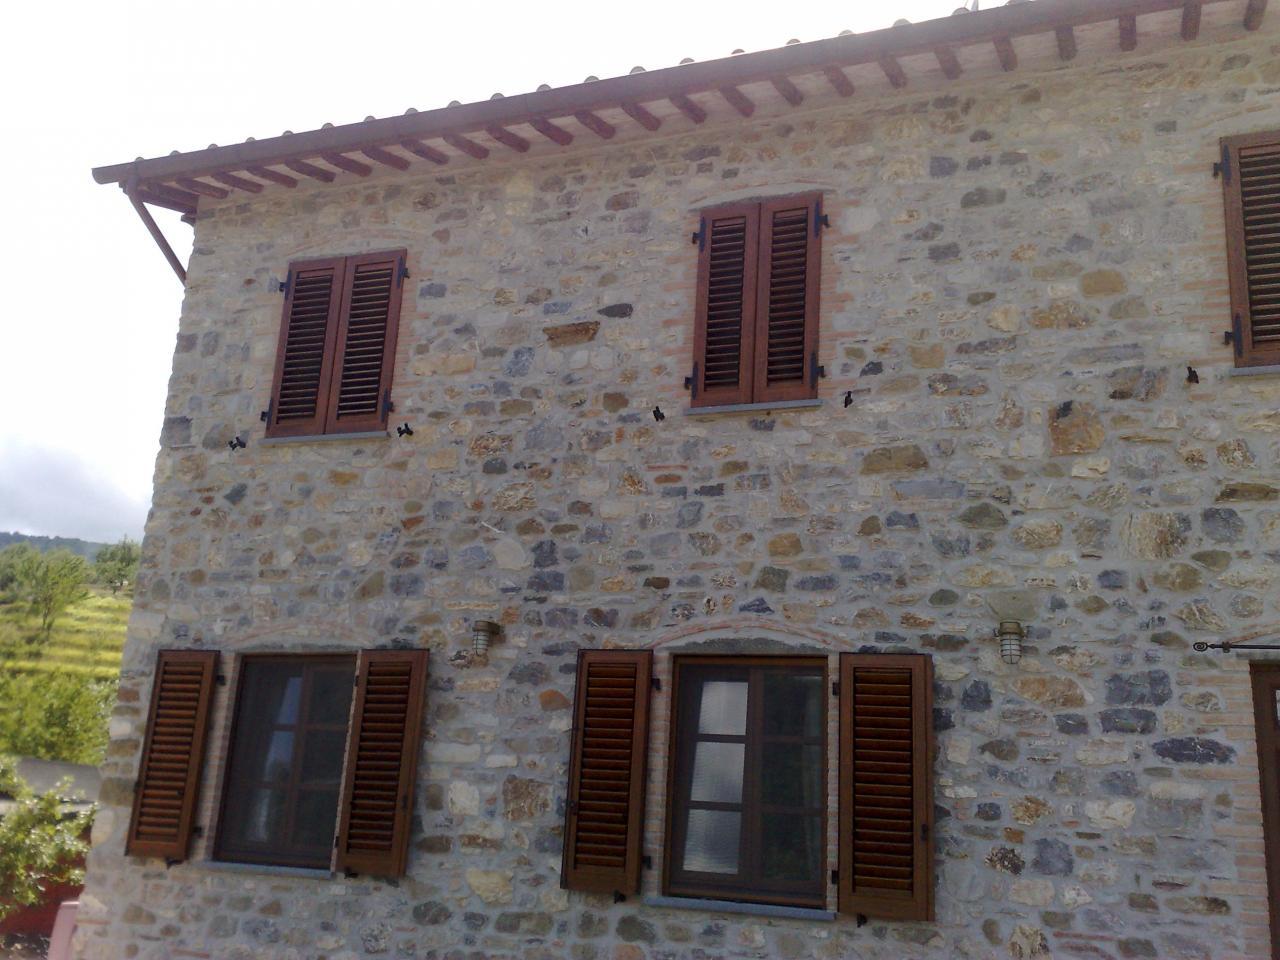 Rustico / Casale in vendita a Borgo a Mozzano, 5 locali, zona Zona: Valdottavo, prezzo € 380.000 | Cambio Casa.it